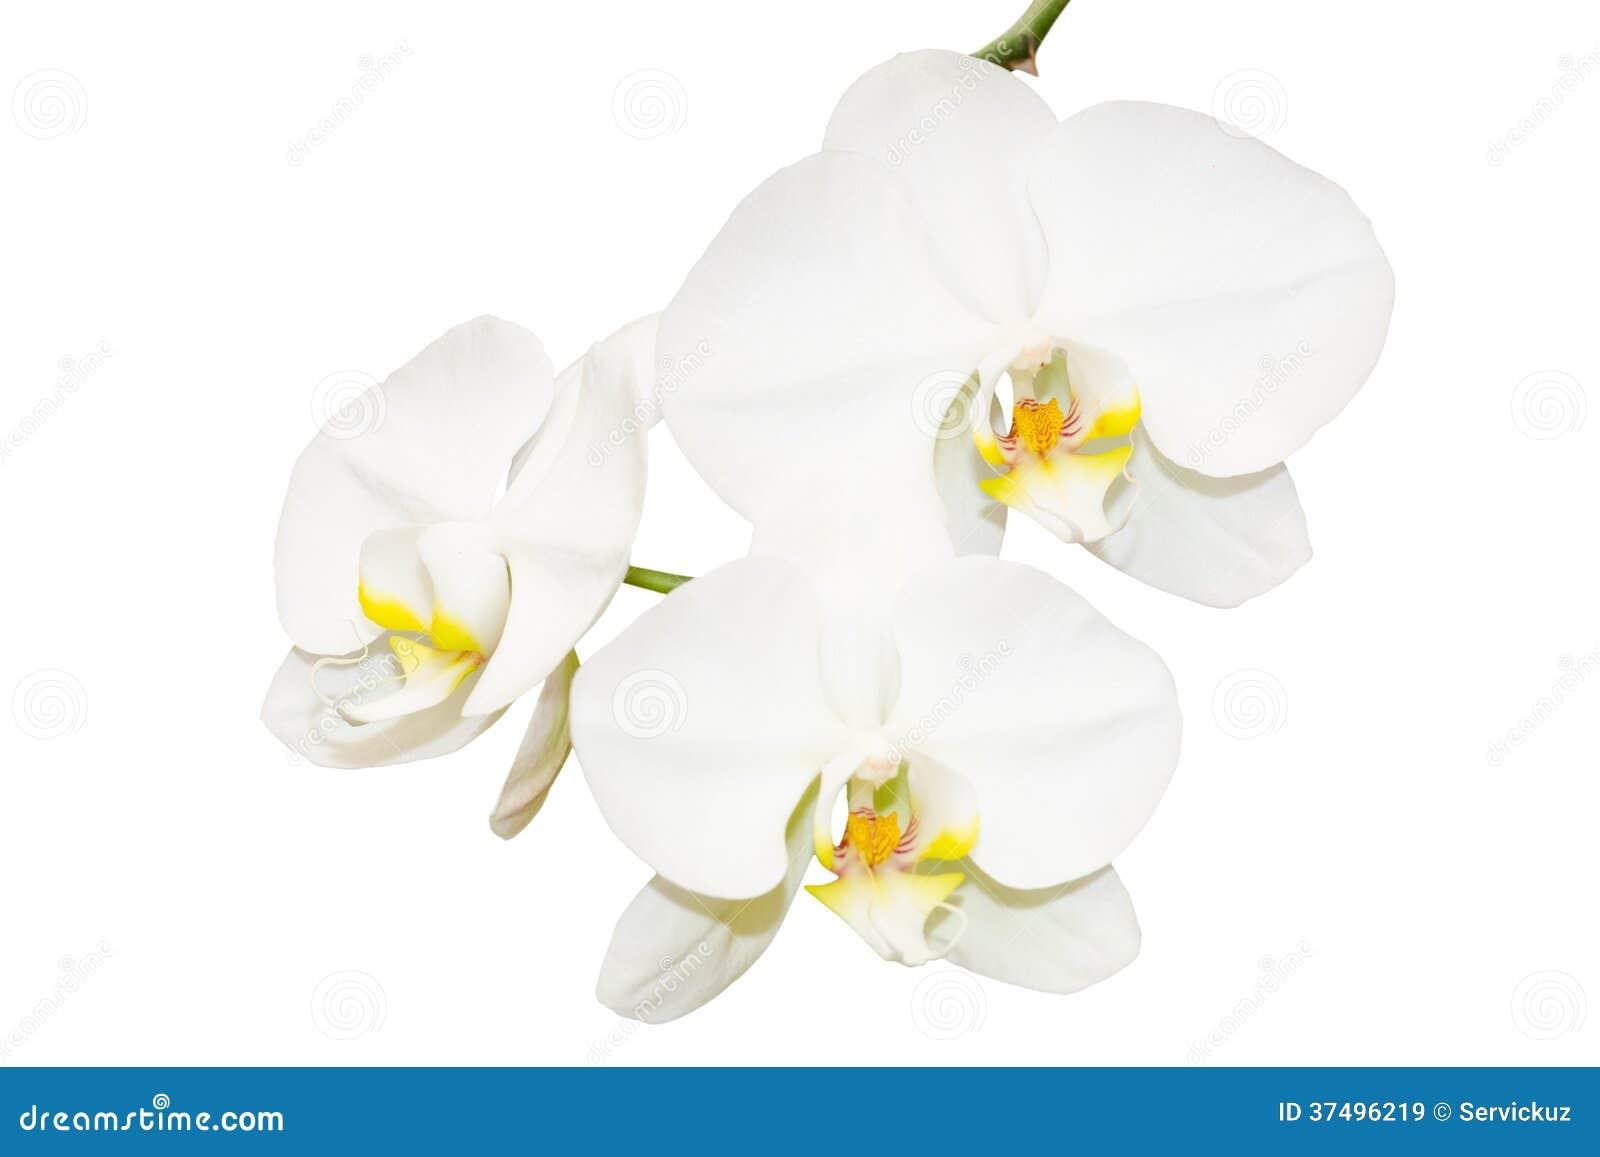 Fiori Orchidea Bianchi.Tre Fiori Bianchi Delle Orchidee Immagine Stock Immagine Di